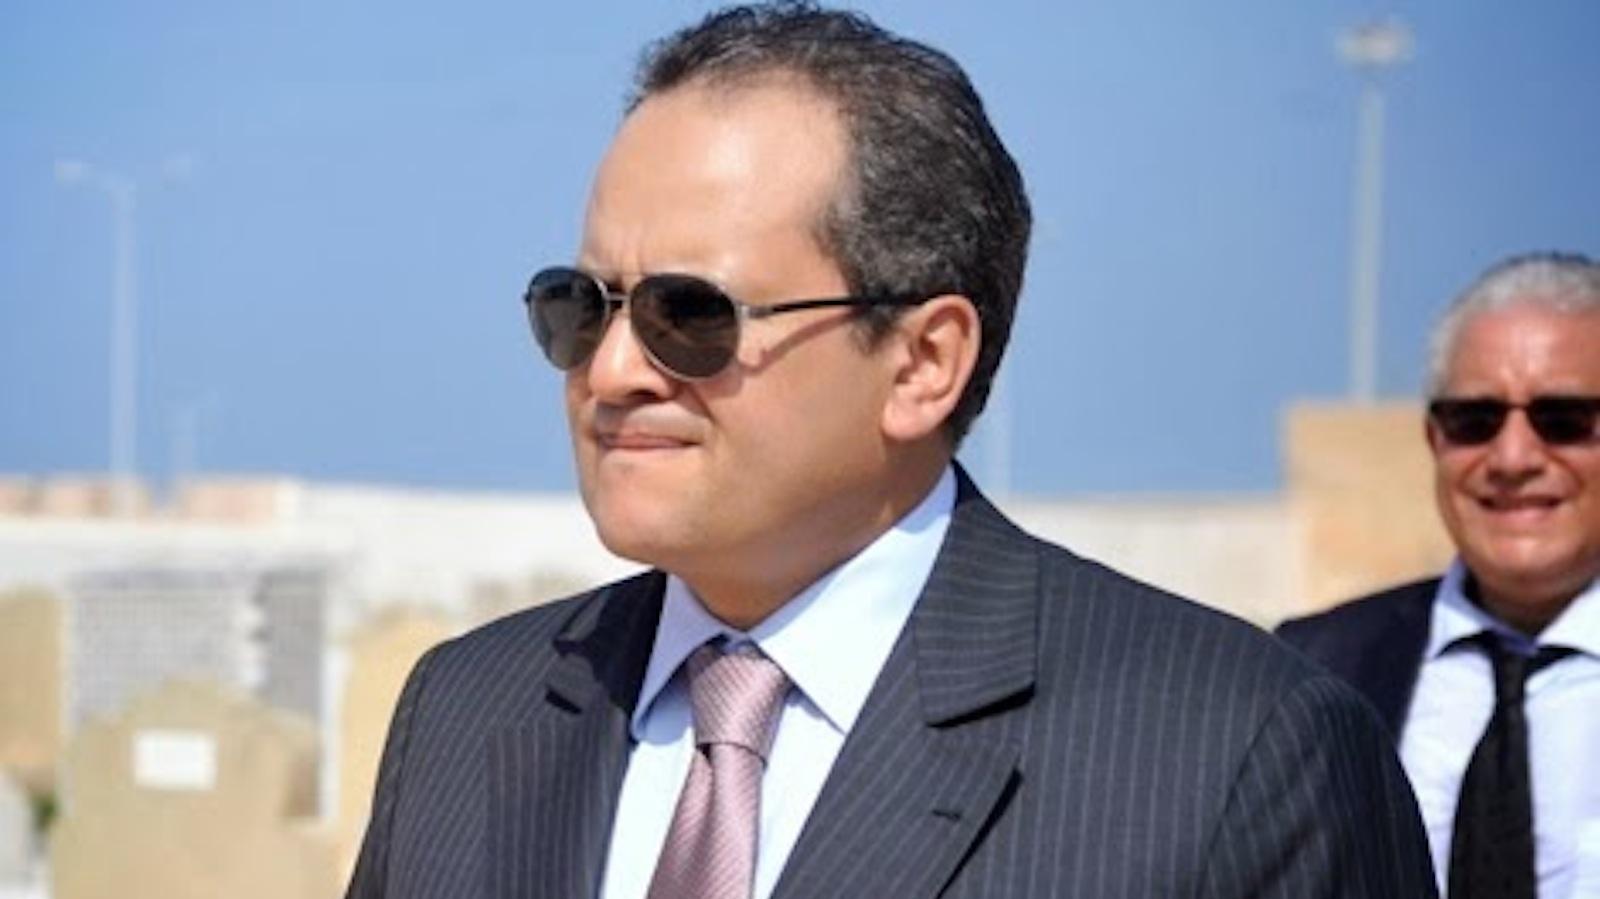 المغرب  يستدعي السفير الأمريكي بالرباط … وبوريطة وياسين المنصوري يلتقيان بوش